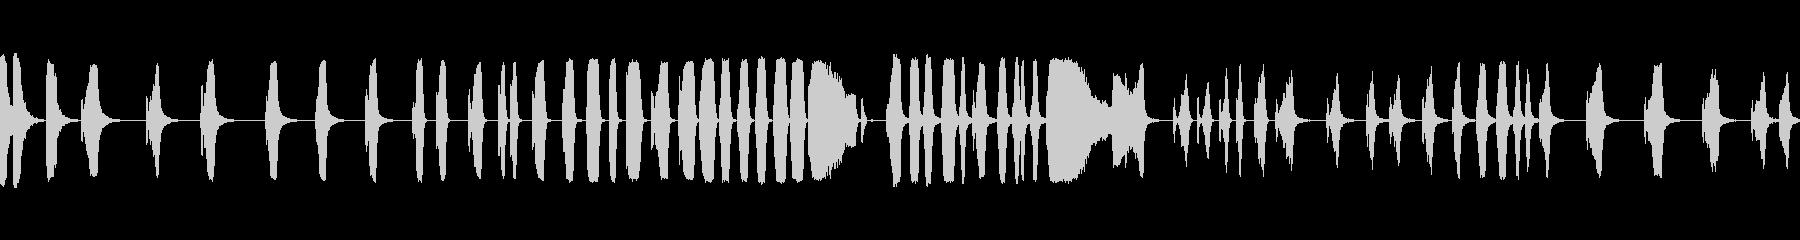 ヒューシュフランジエアマルチプルiの未再生の波形